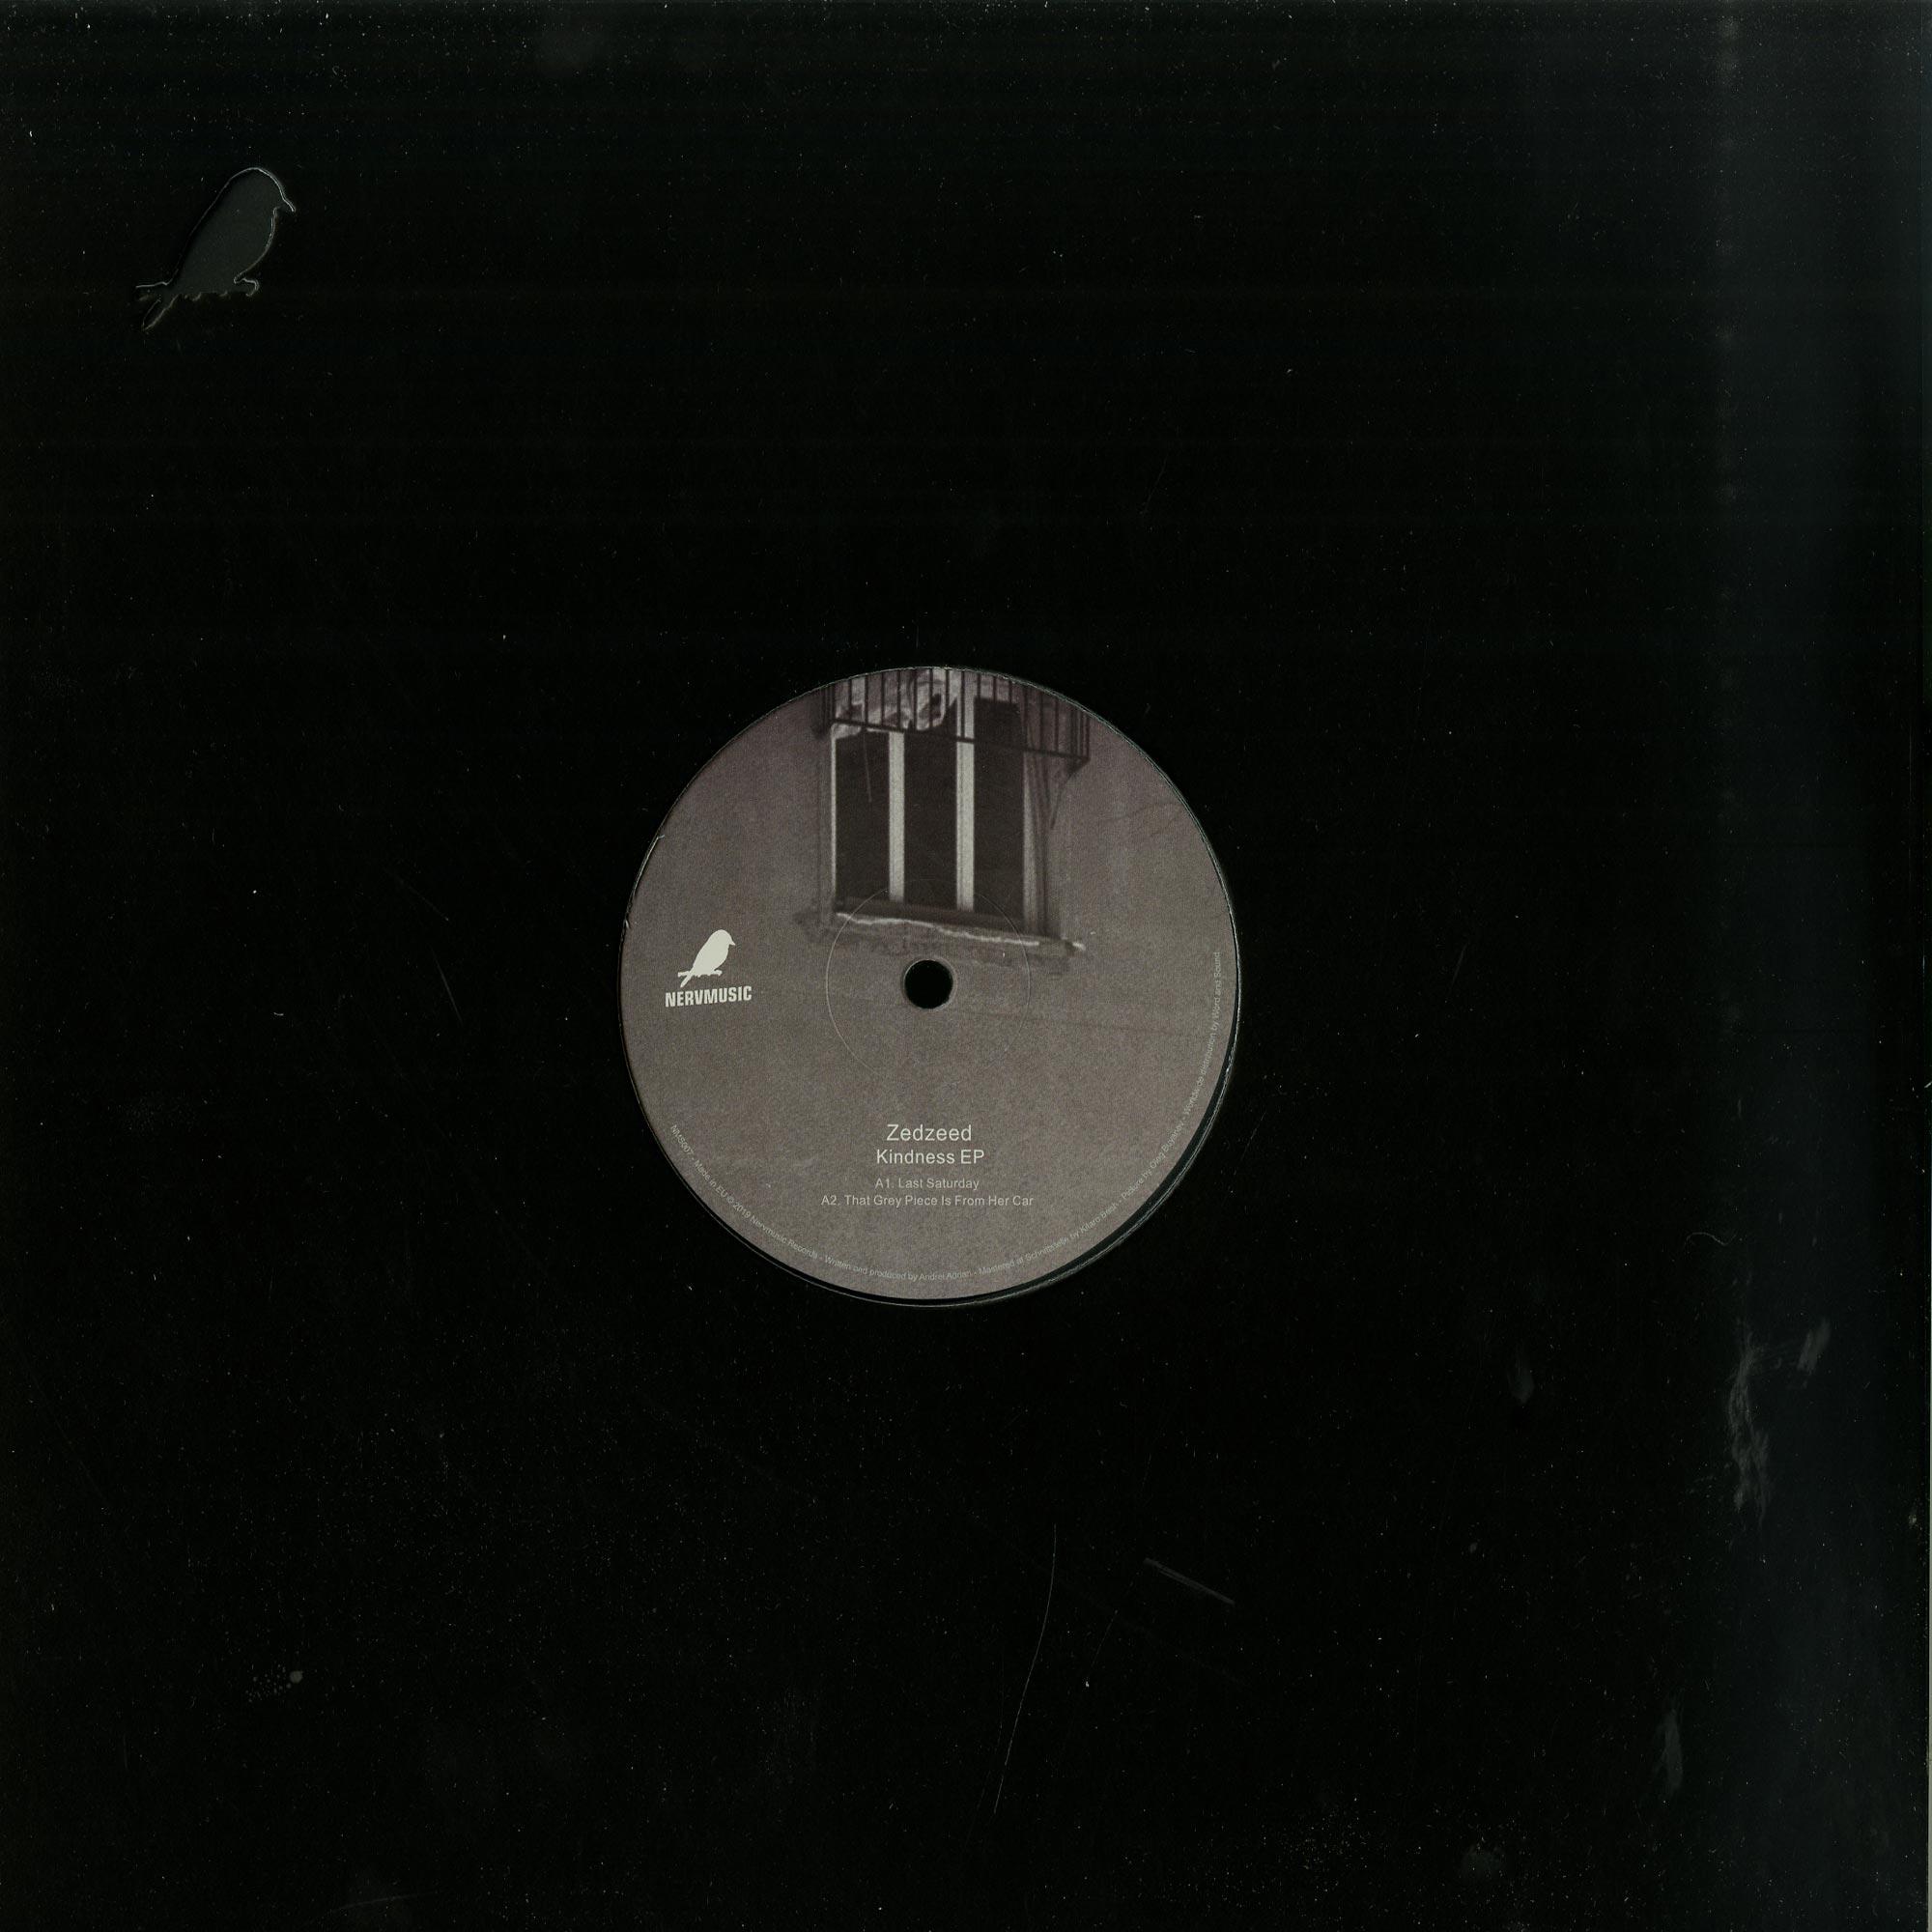 Zefzeed - KINDNESS EP